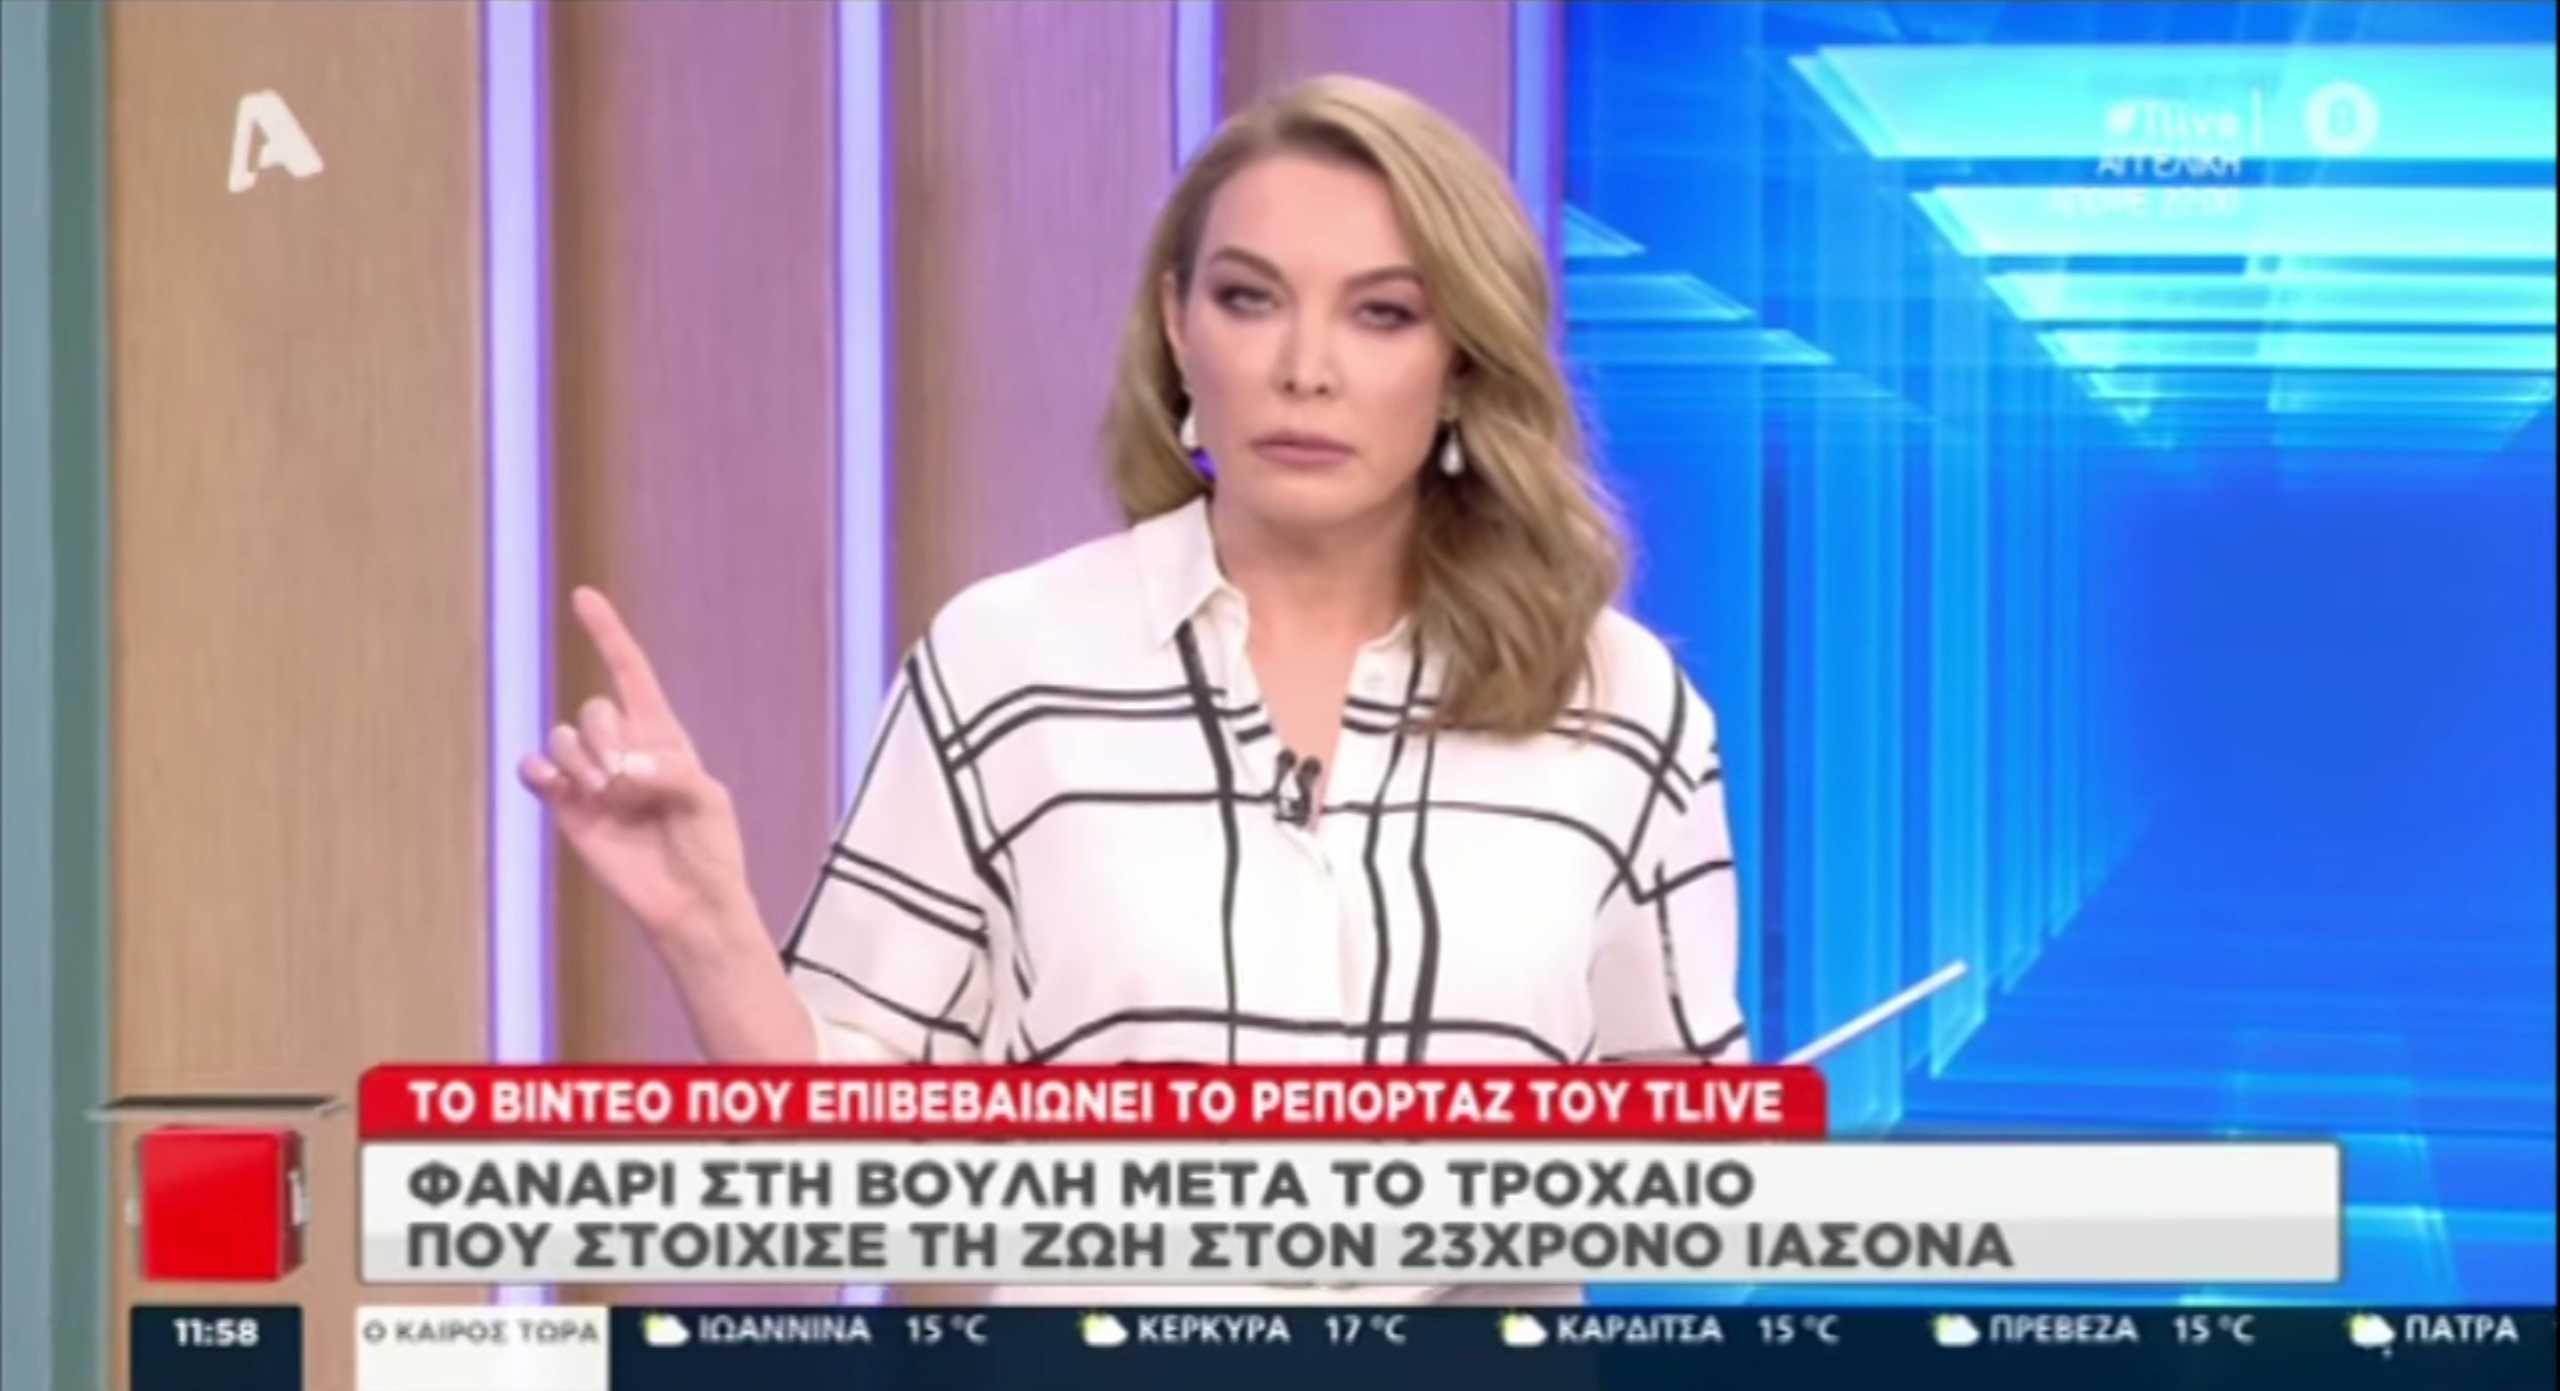 Τατιάνα Στεφανίδου για το τροχαίο στη Βουλή: «Κοινοποιήστε την αλήθεια και όχι το βίντεο της στοχοποίησης»